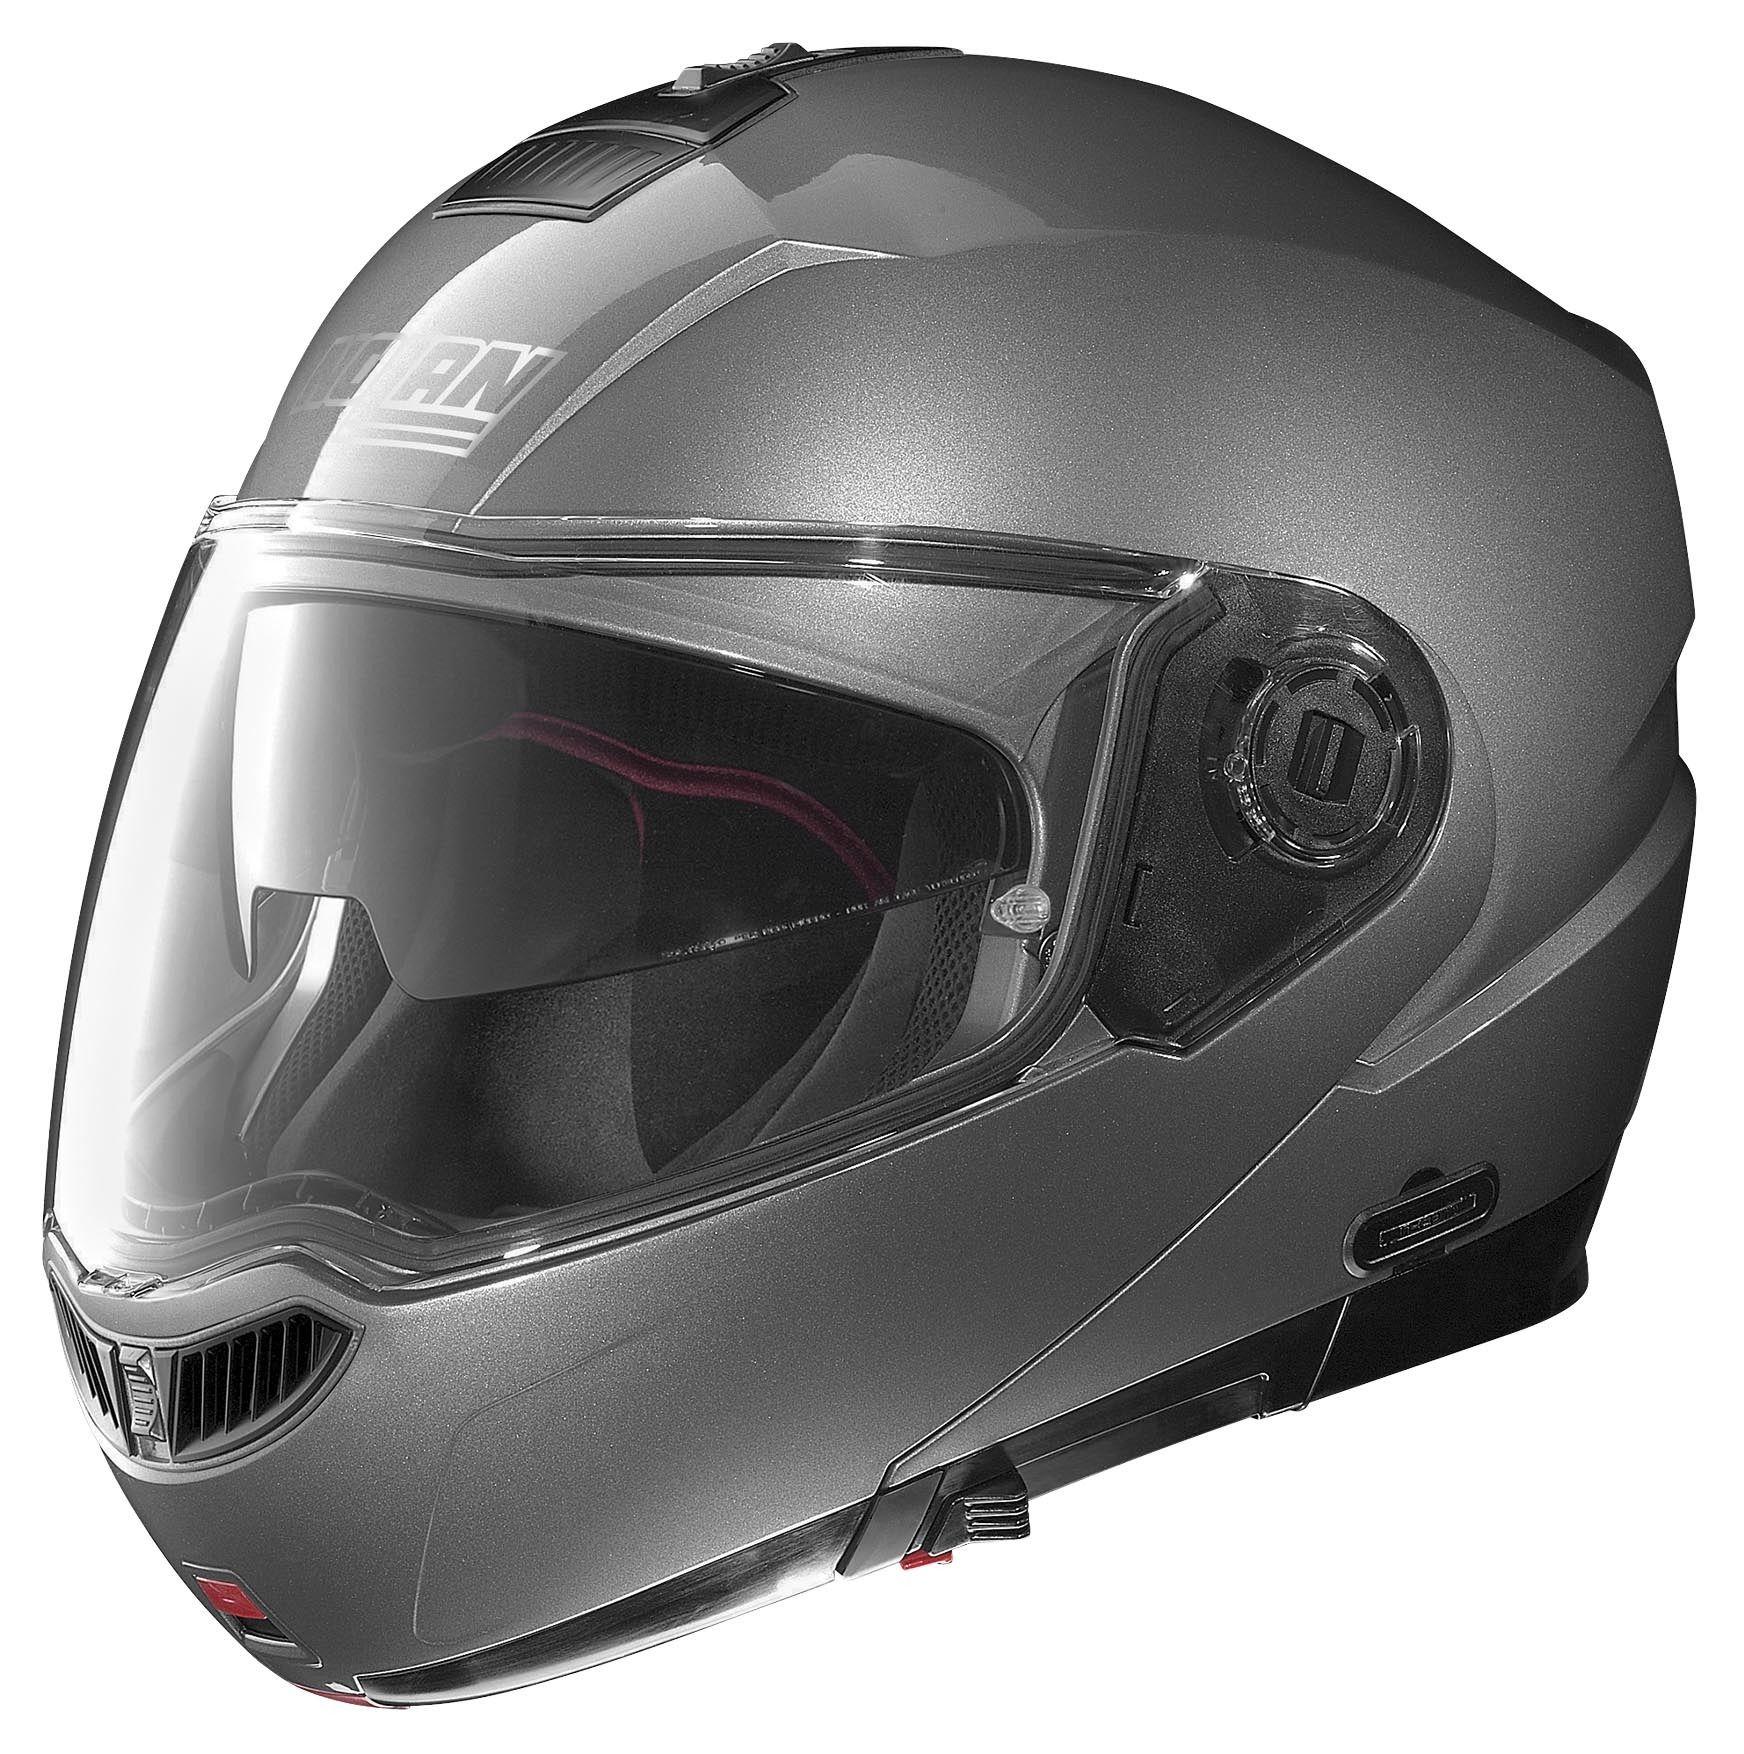 Nolan N104 Motorcycle Helmet